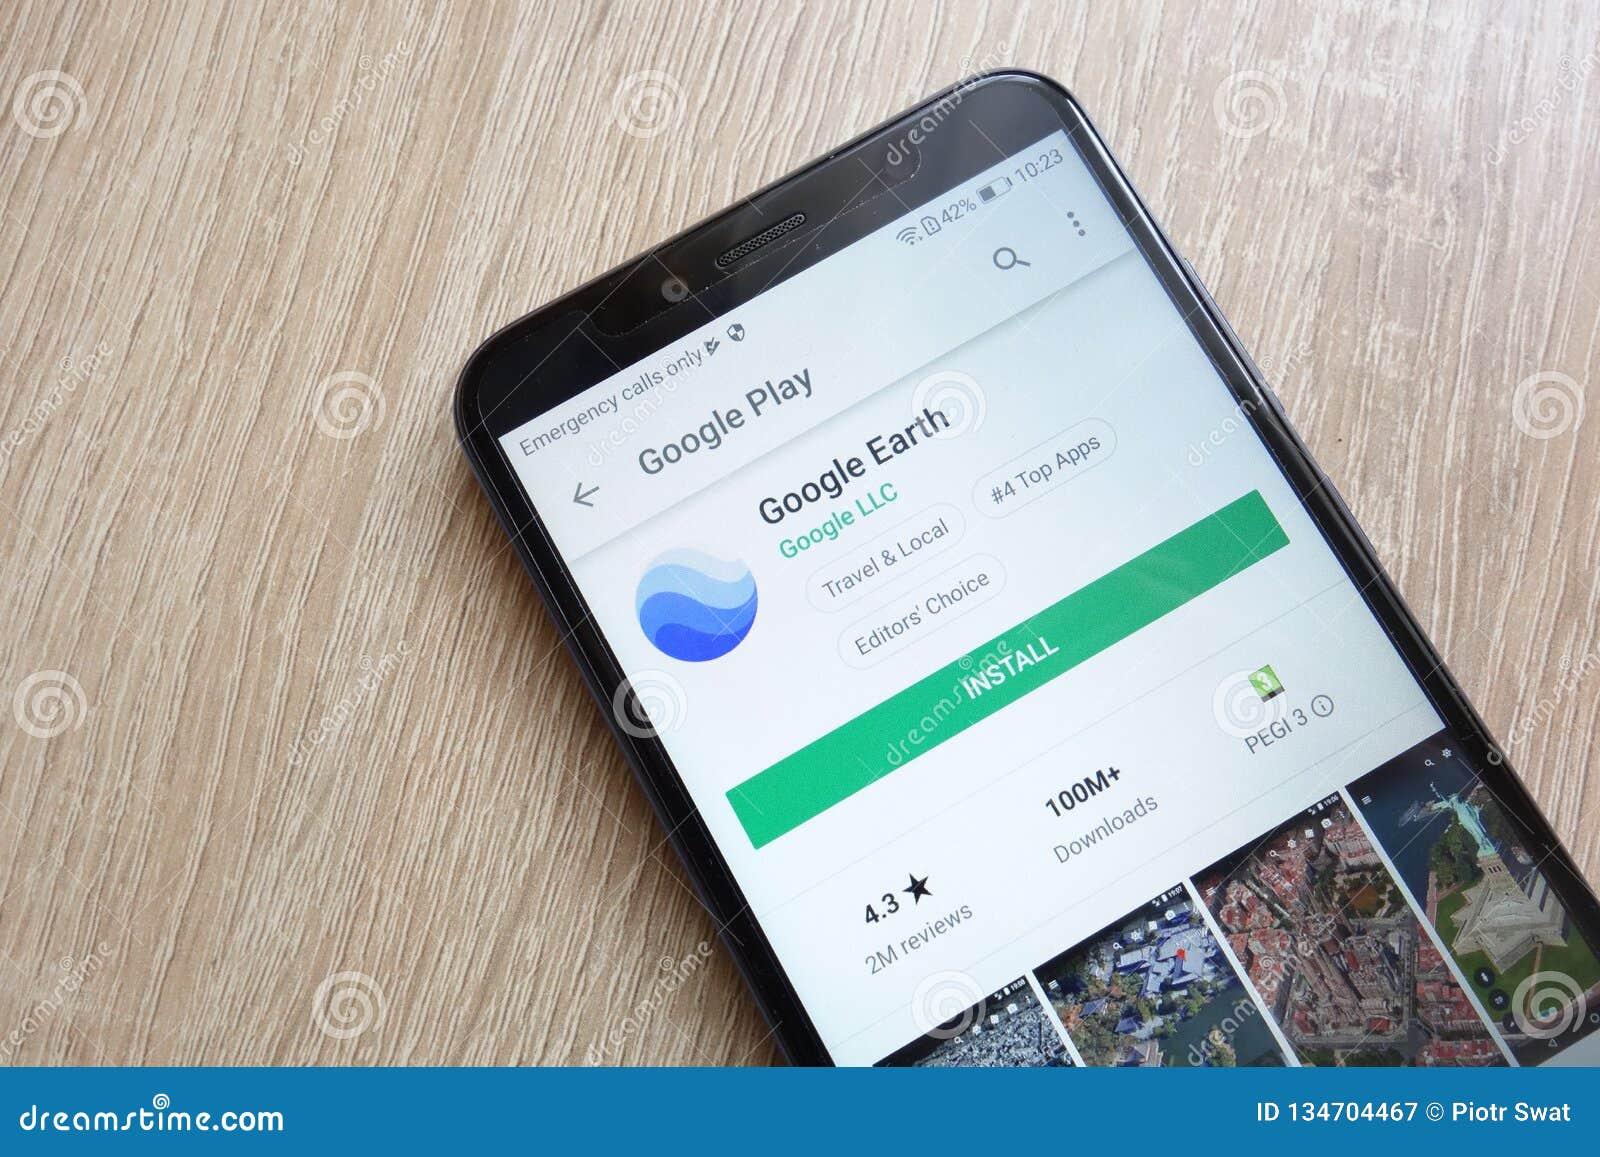 Google Earth App On Google Play Store Website Displayed On Huawei Y6